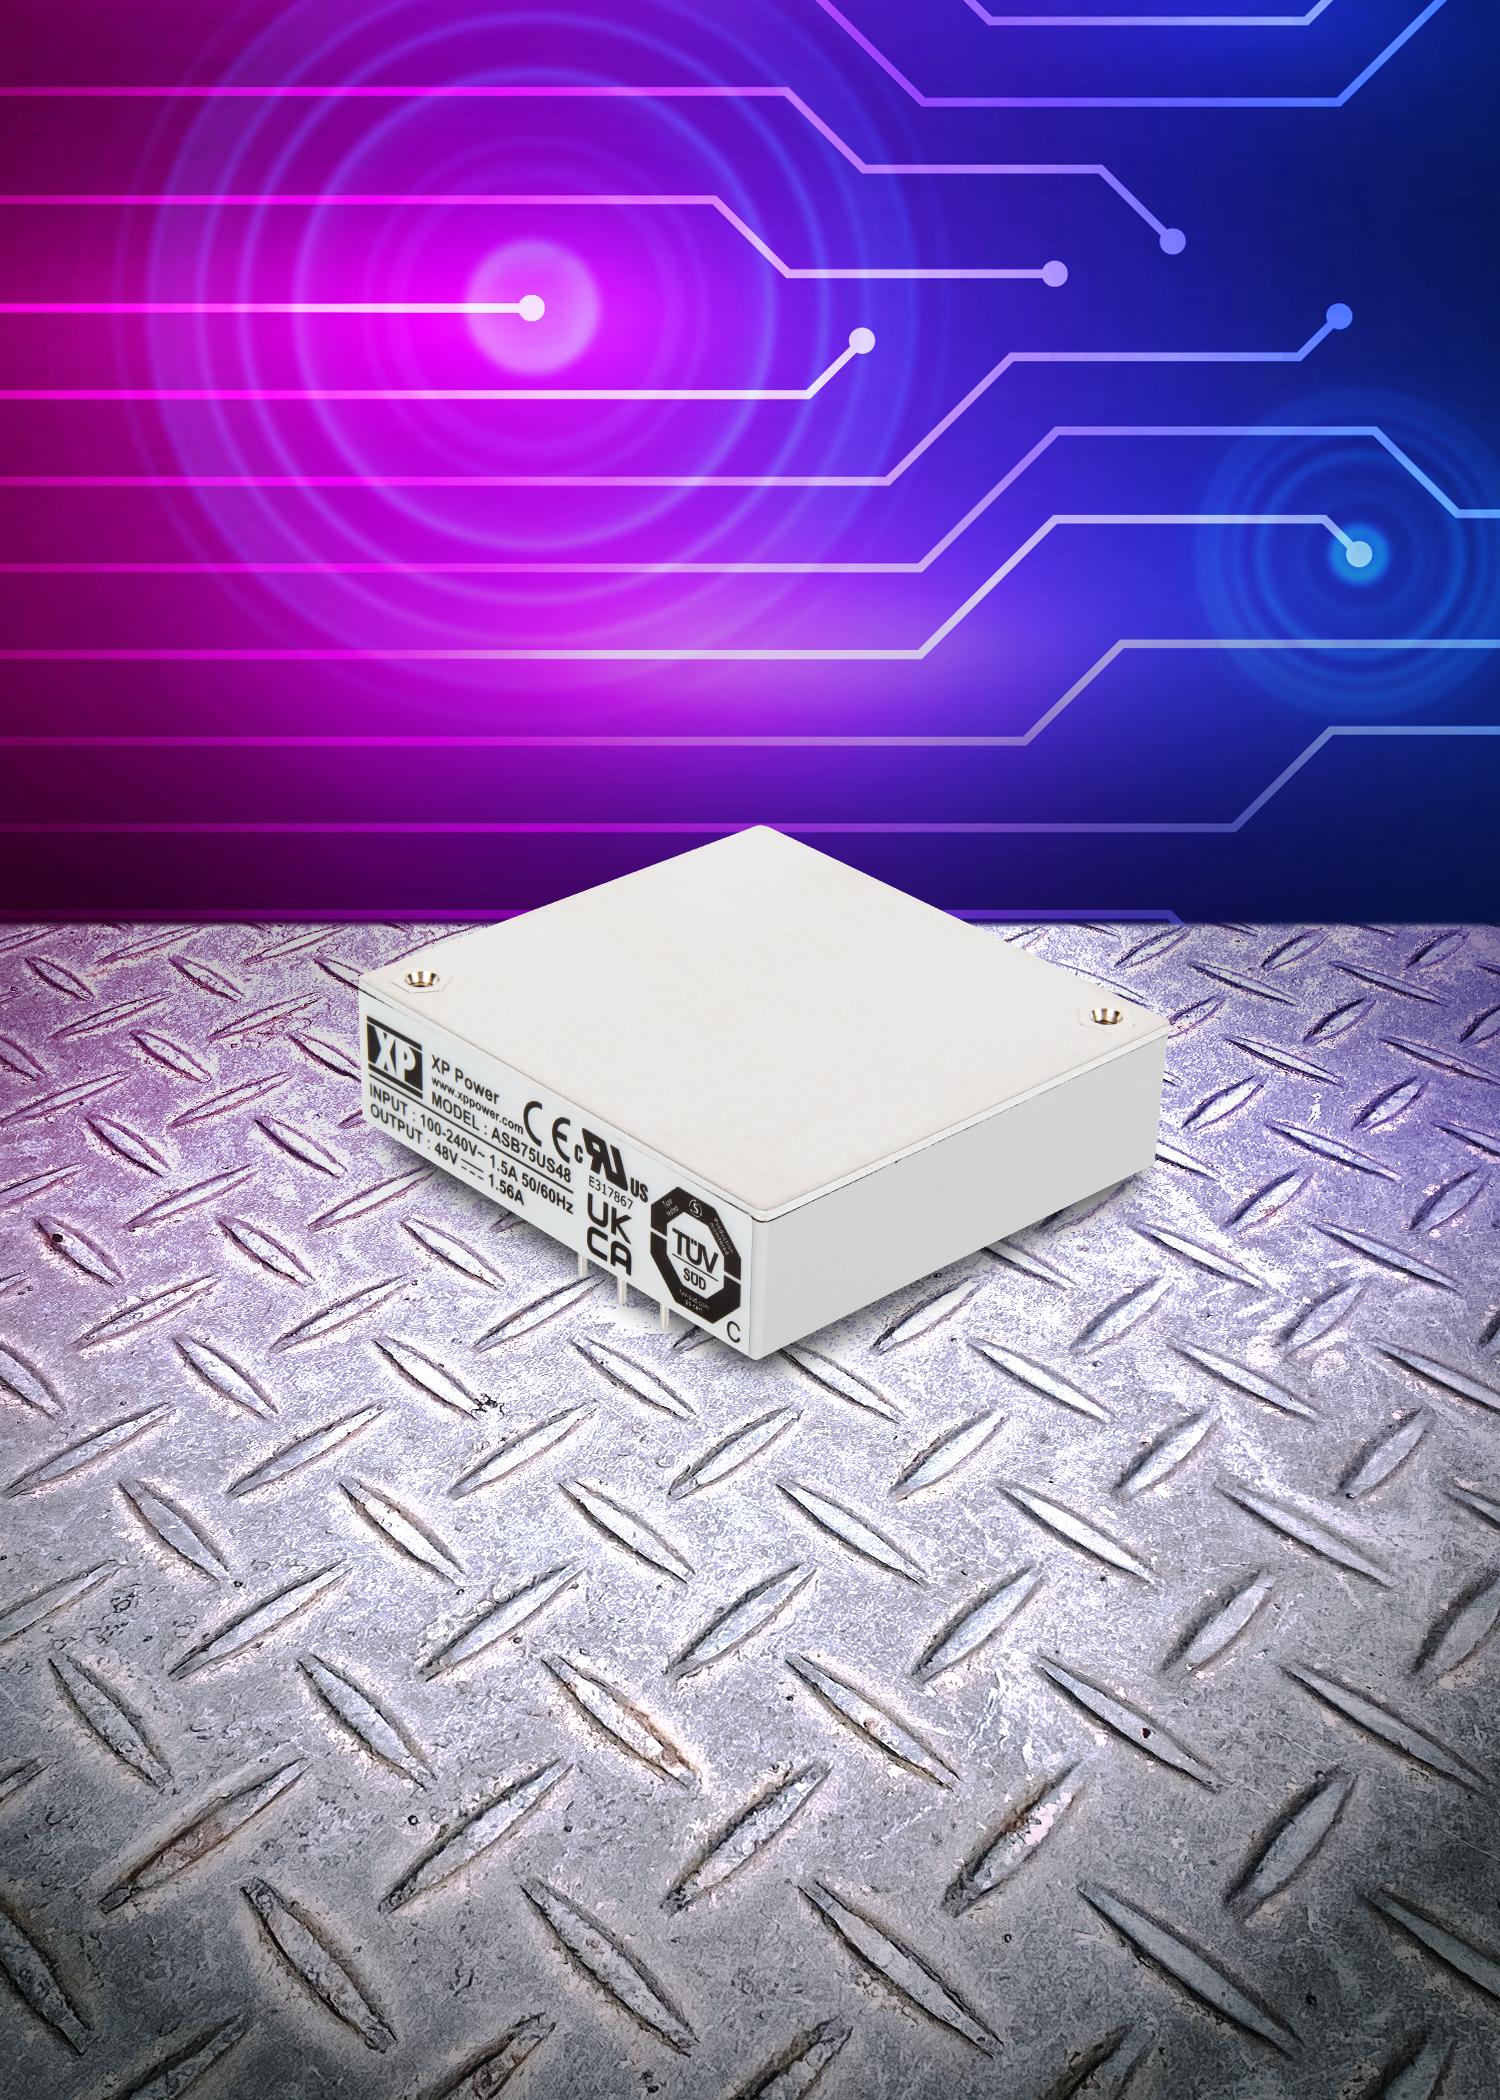 超紧凑传导冷却型75W AC-DC电源模块,适用于具有挑战性和空间关键性的应用